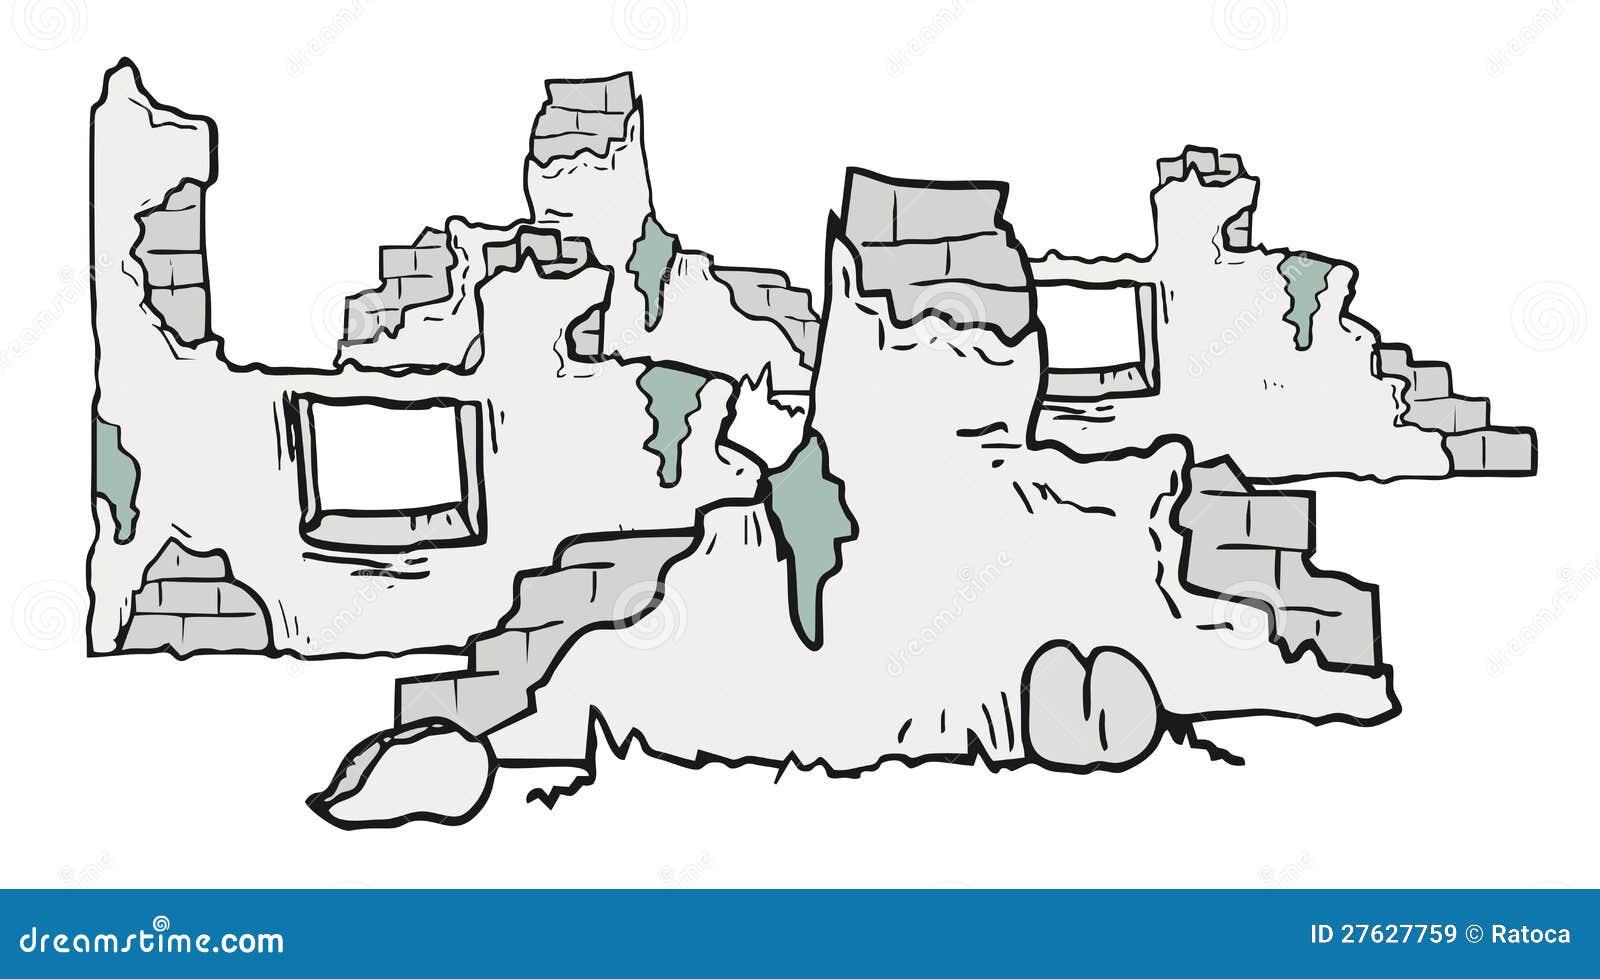 Maison En Ruine Dessin ruines de dessin animé illustration de vecteur. illustration